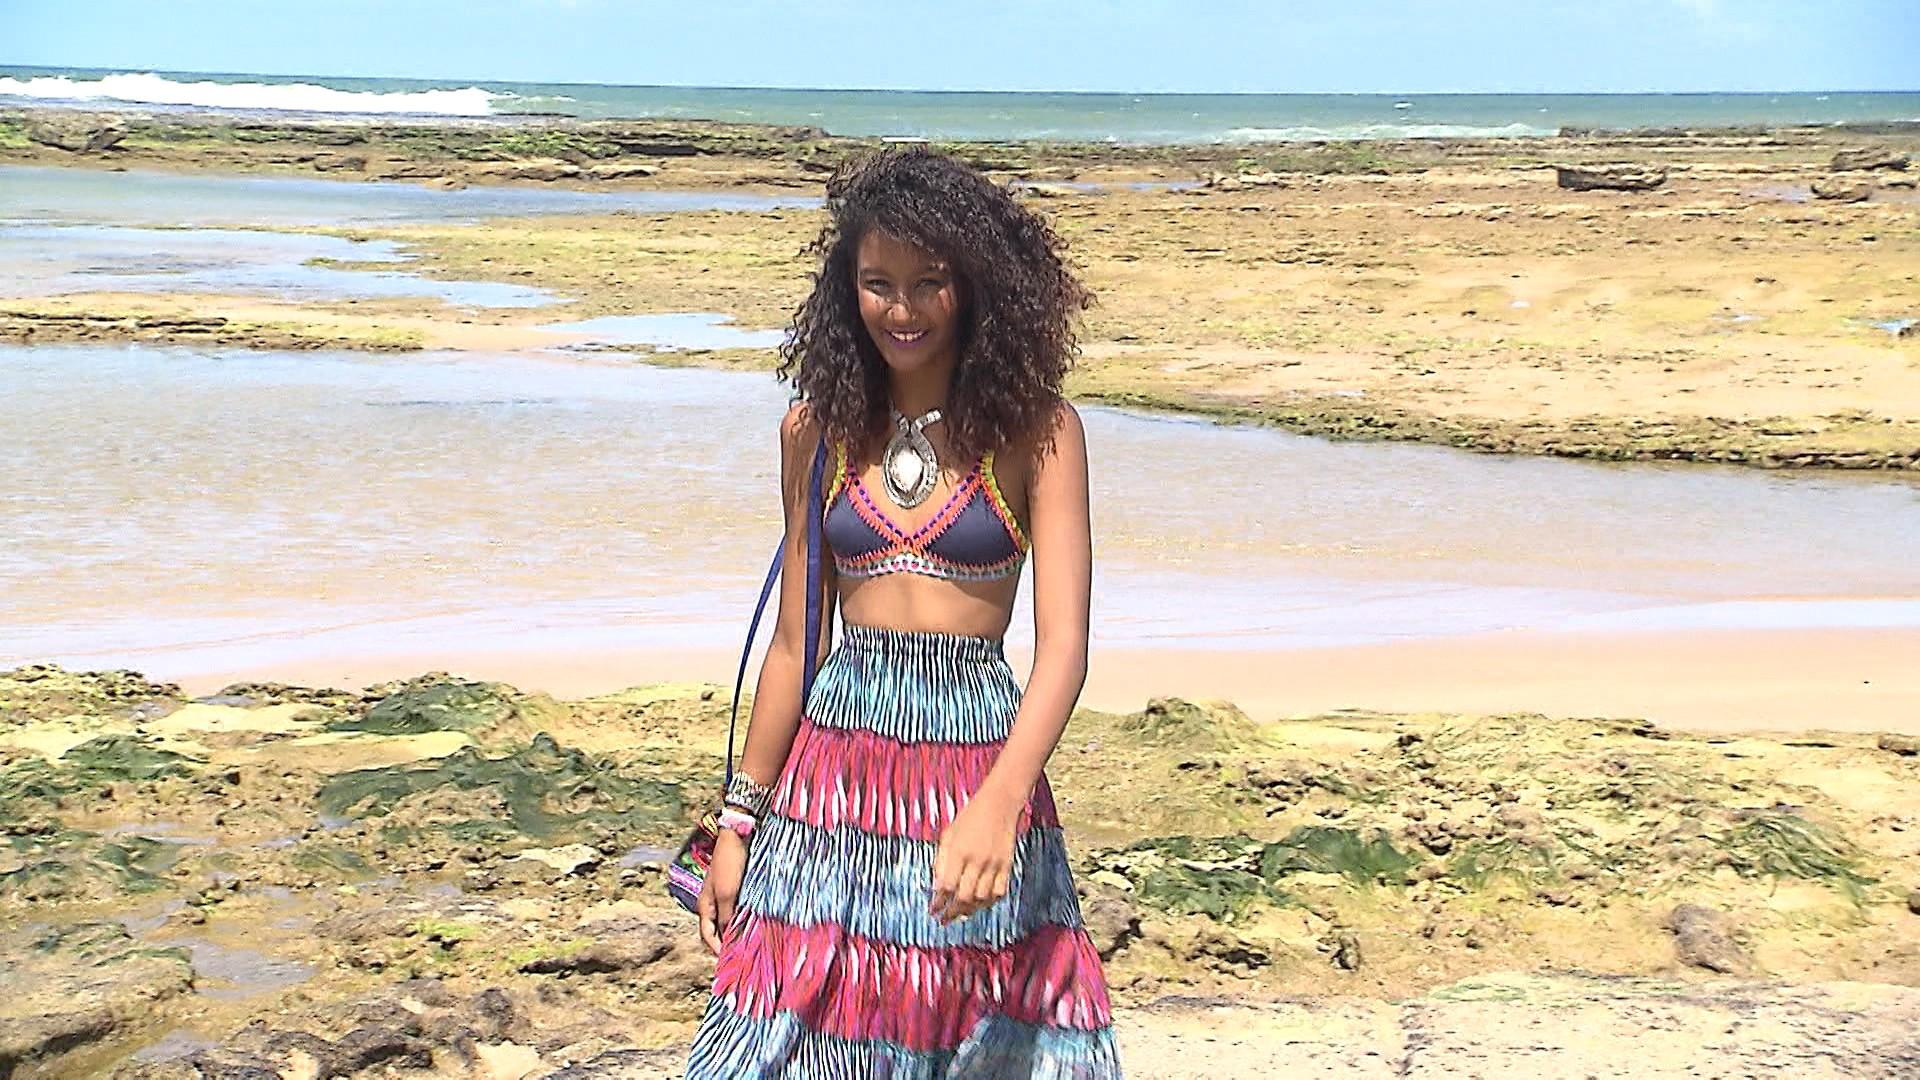 Saias longas e máxi acessórios podem ser usados na praia (Foto: Divulgação)